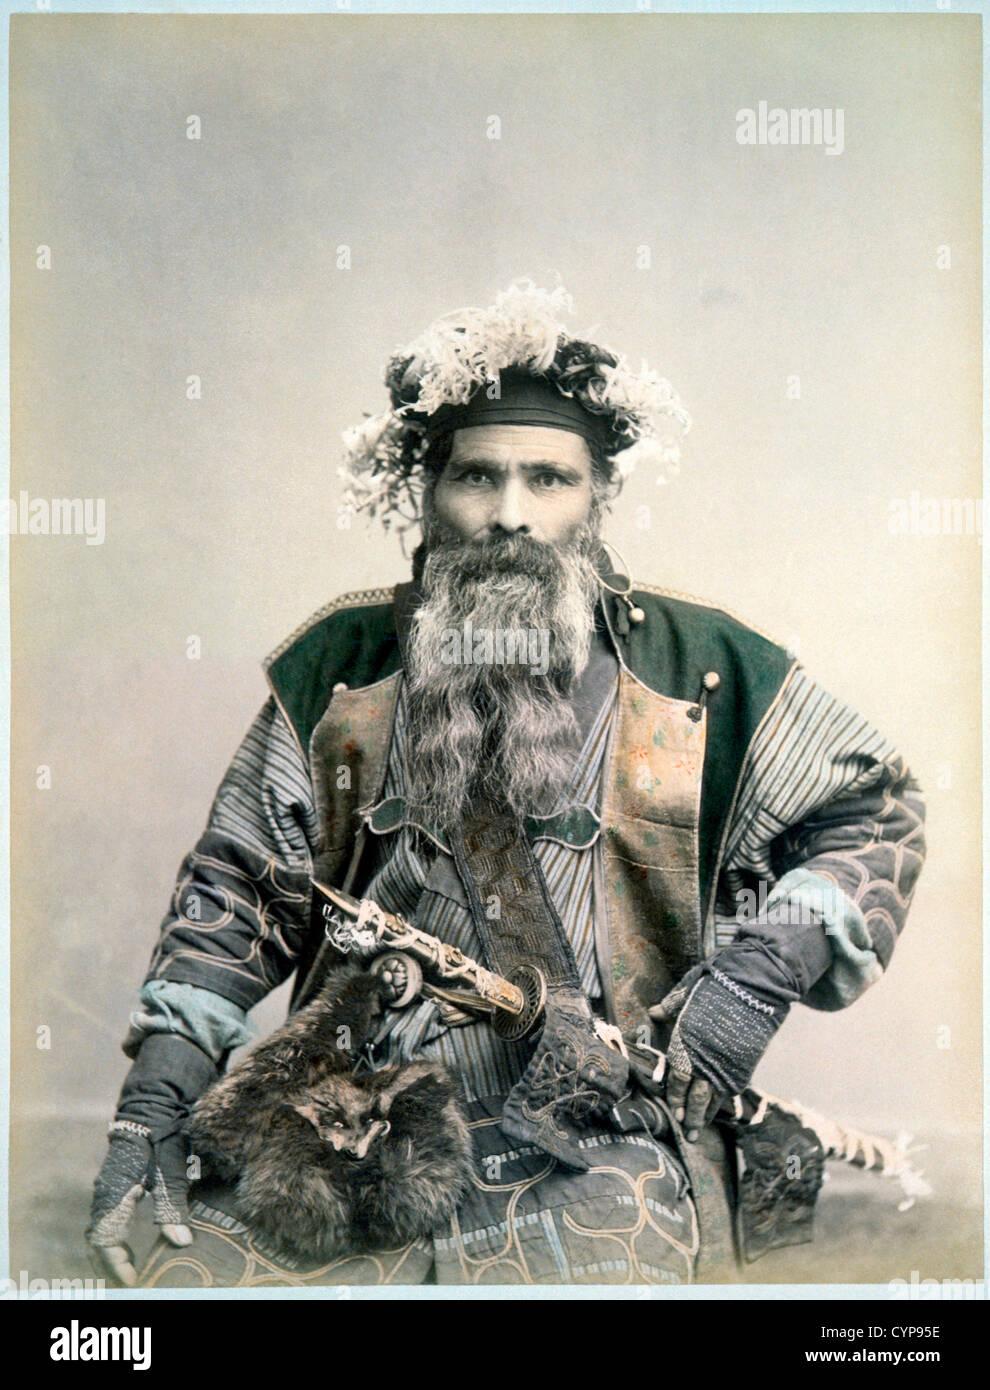 Samurai Warrior, Circa 1880 - Stock Image